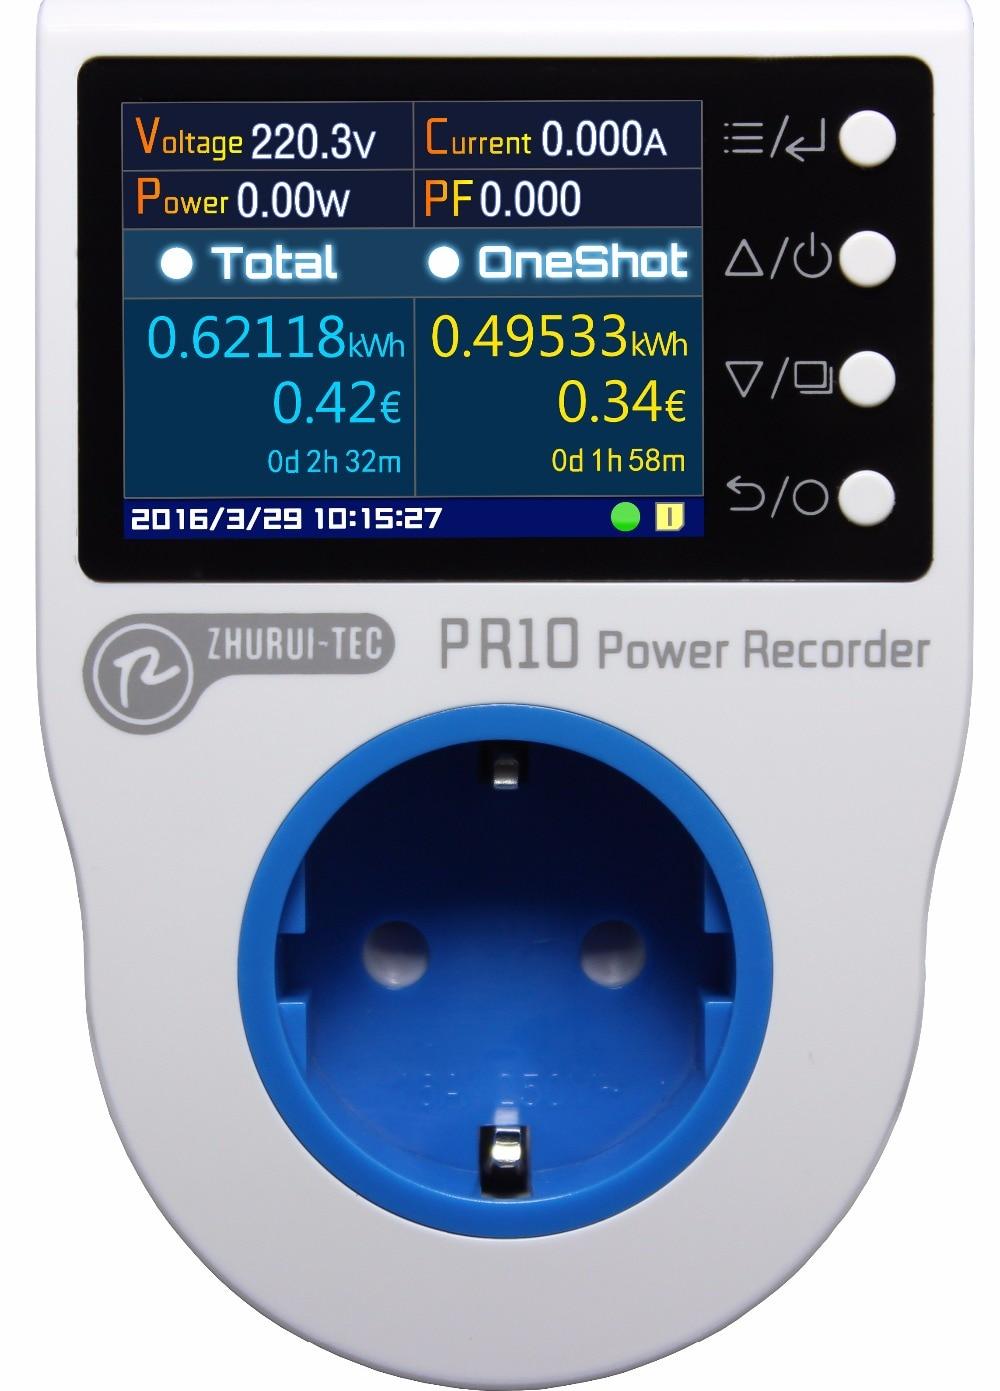 PR10-C EU16A (prise allemande) prise de mesure de puissance à domicile/compteur d'énergie domestique/enregistreur de puissance/compteurs d'électricité/16 unités de monnaie